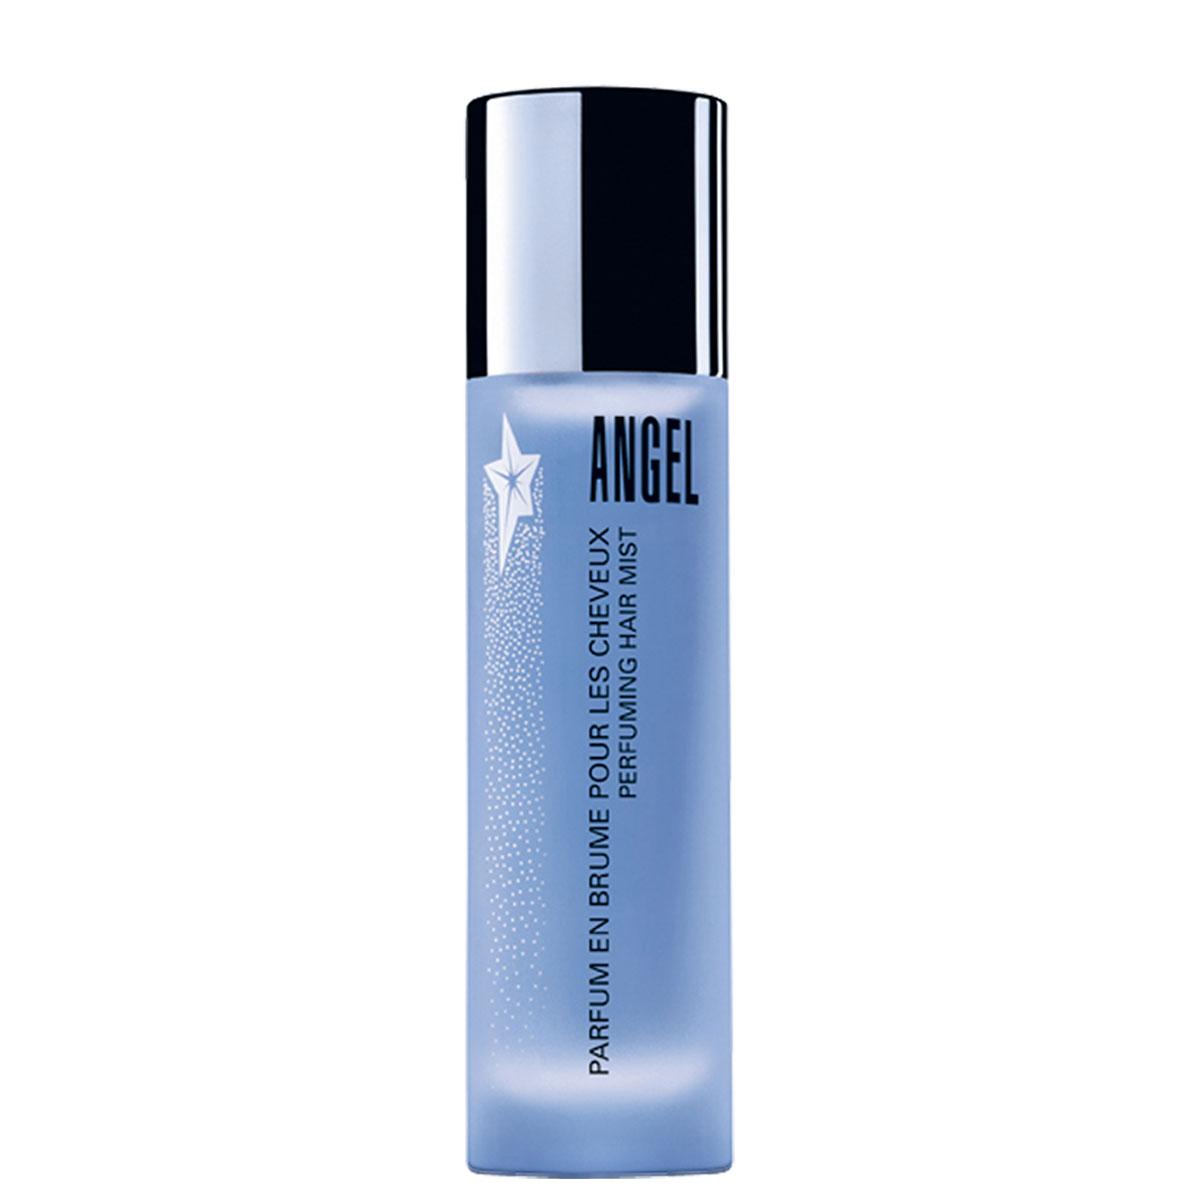 MUGLER - Angel - Parfum en brume pour les cheveux 30 ml